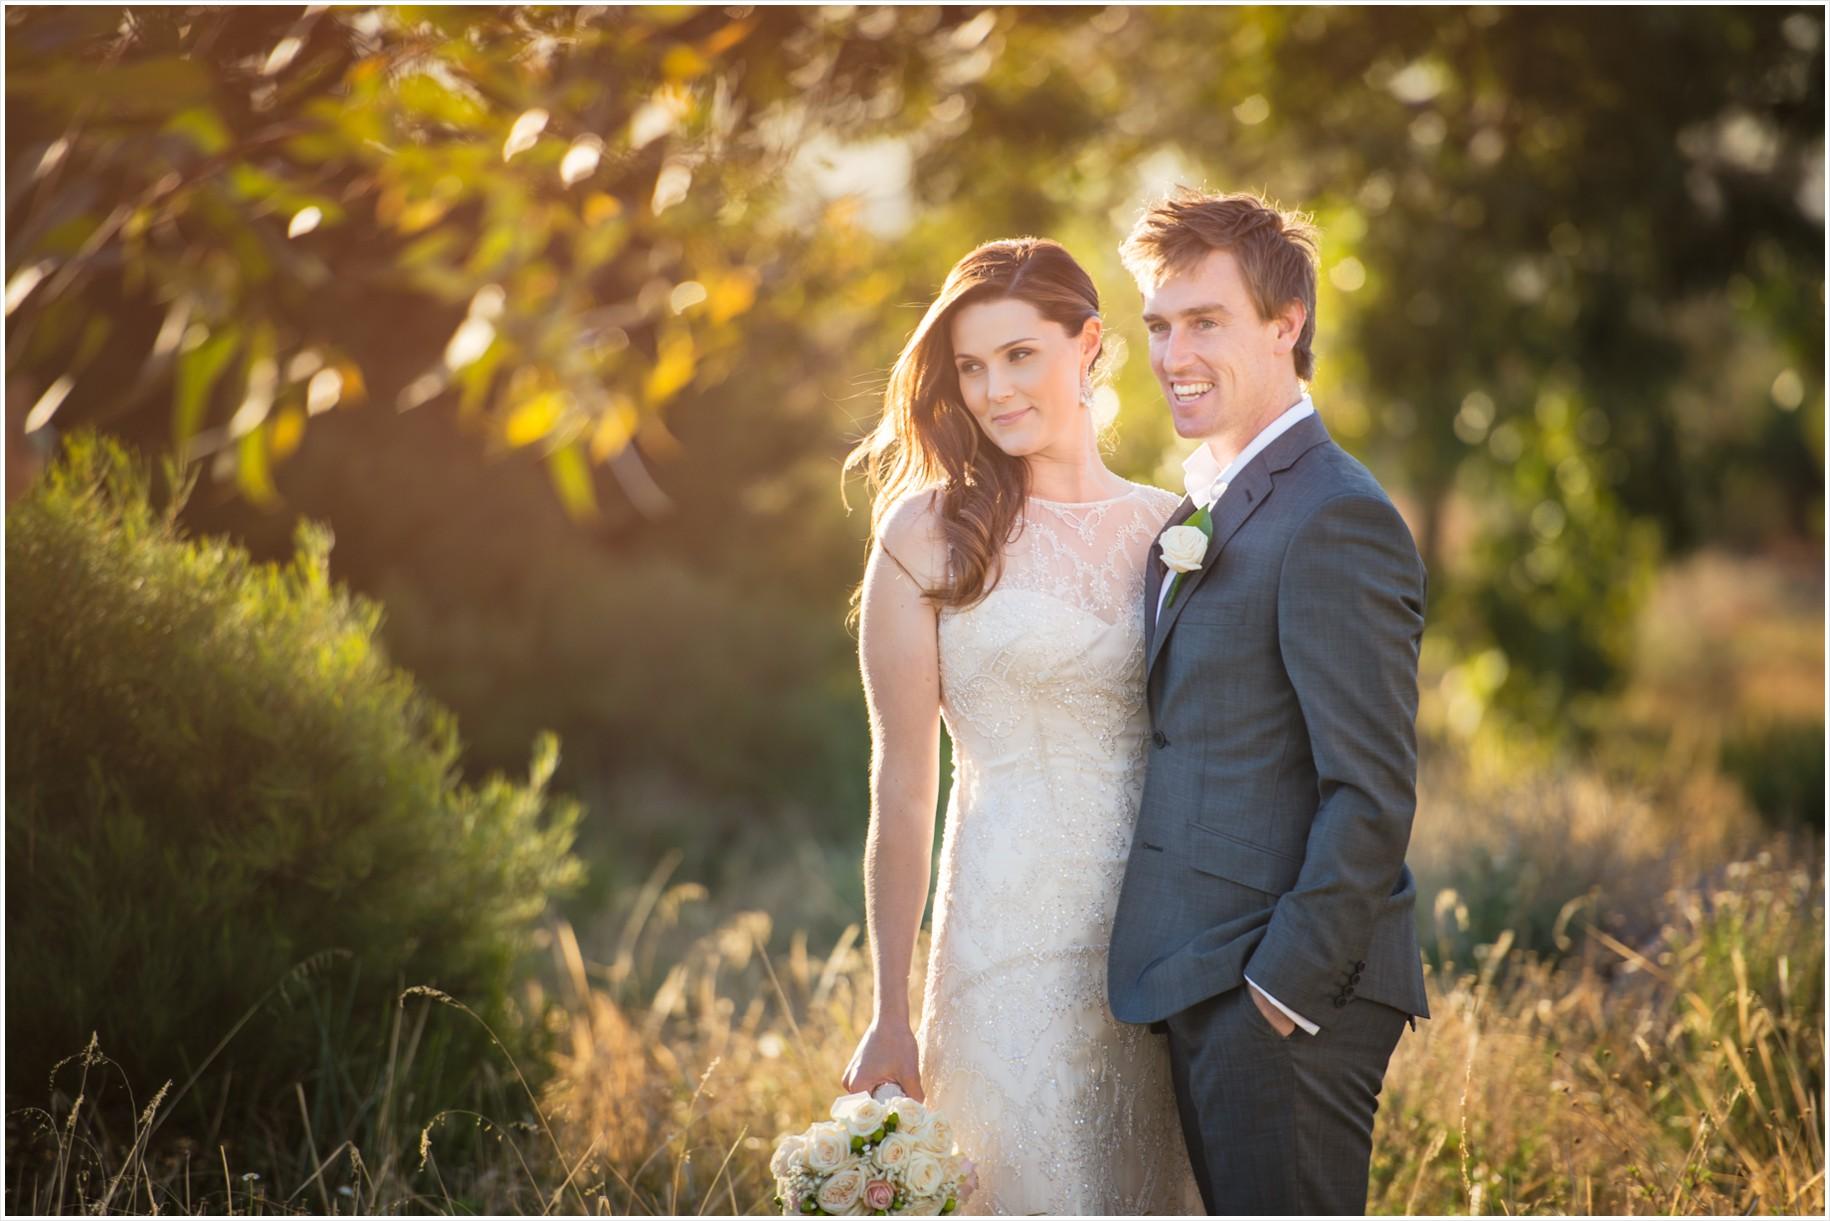 Adelaides Best Wedding Photographers | Adelaide wedding ...